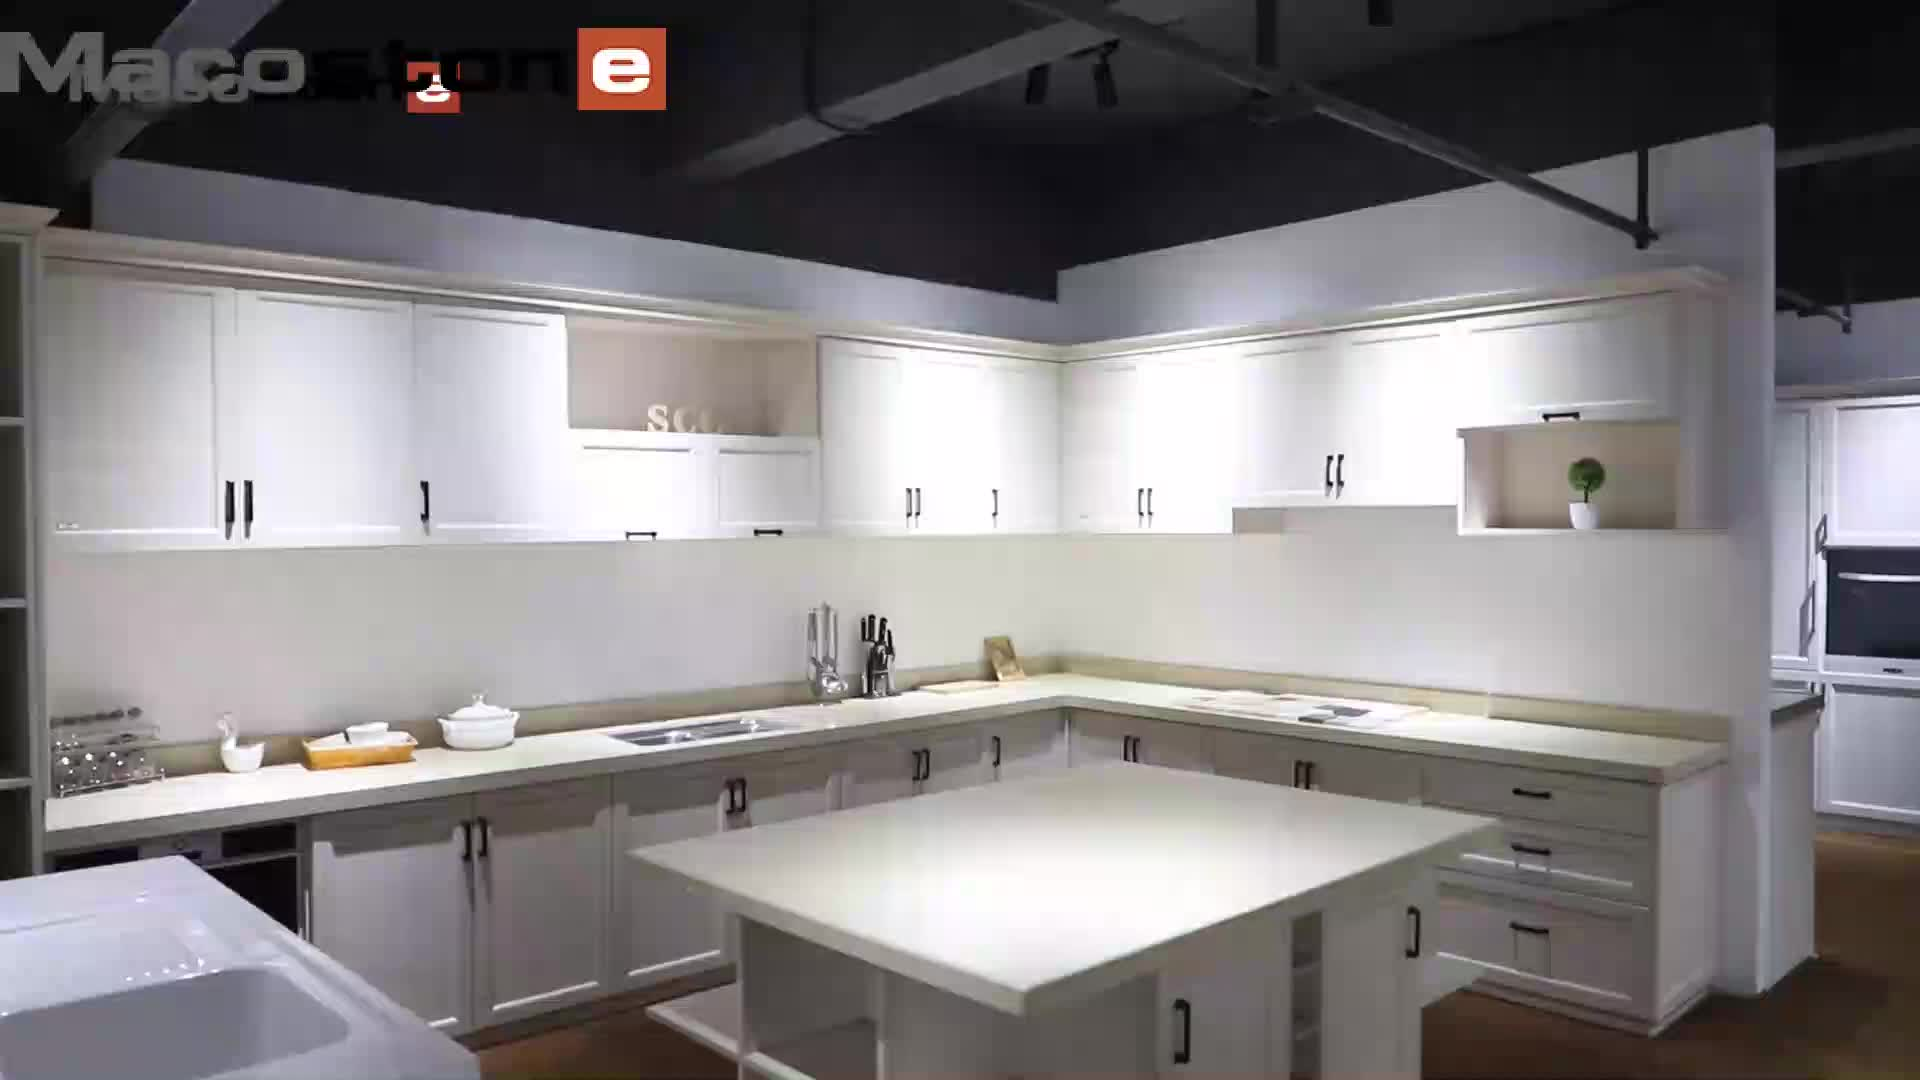 Finitura in Pvc 2 Pac Moderna Opaco Laccato Bianco Su Misura di Colore Misto Da Cucina Armadio Cabinet Per La Cucina